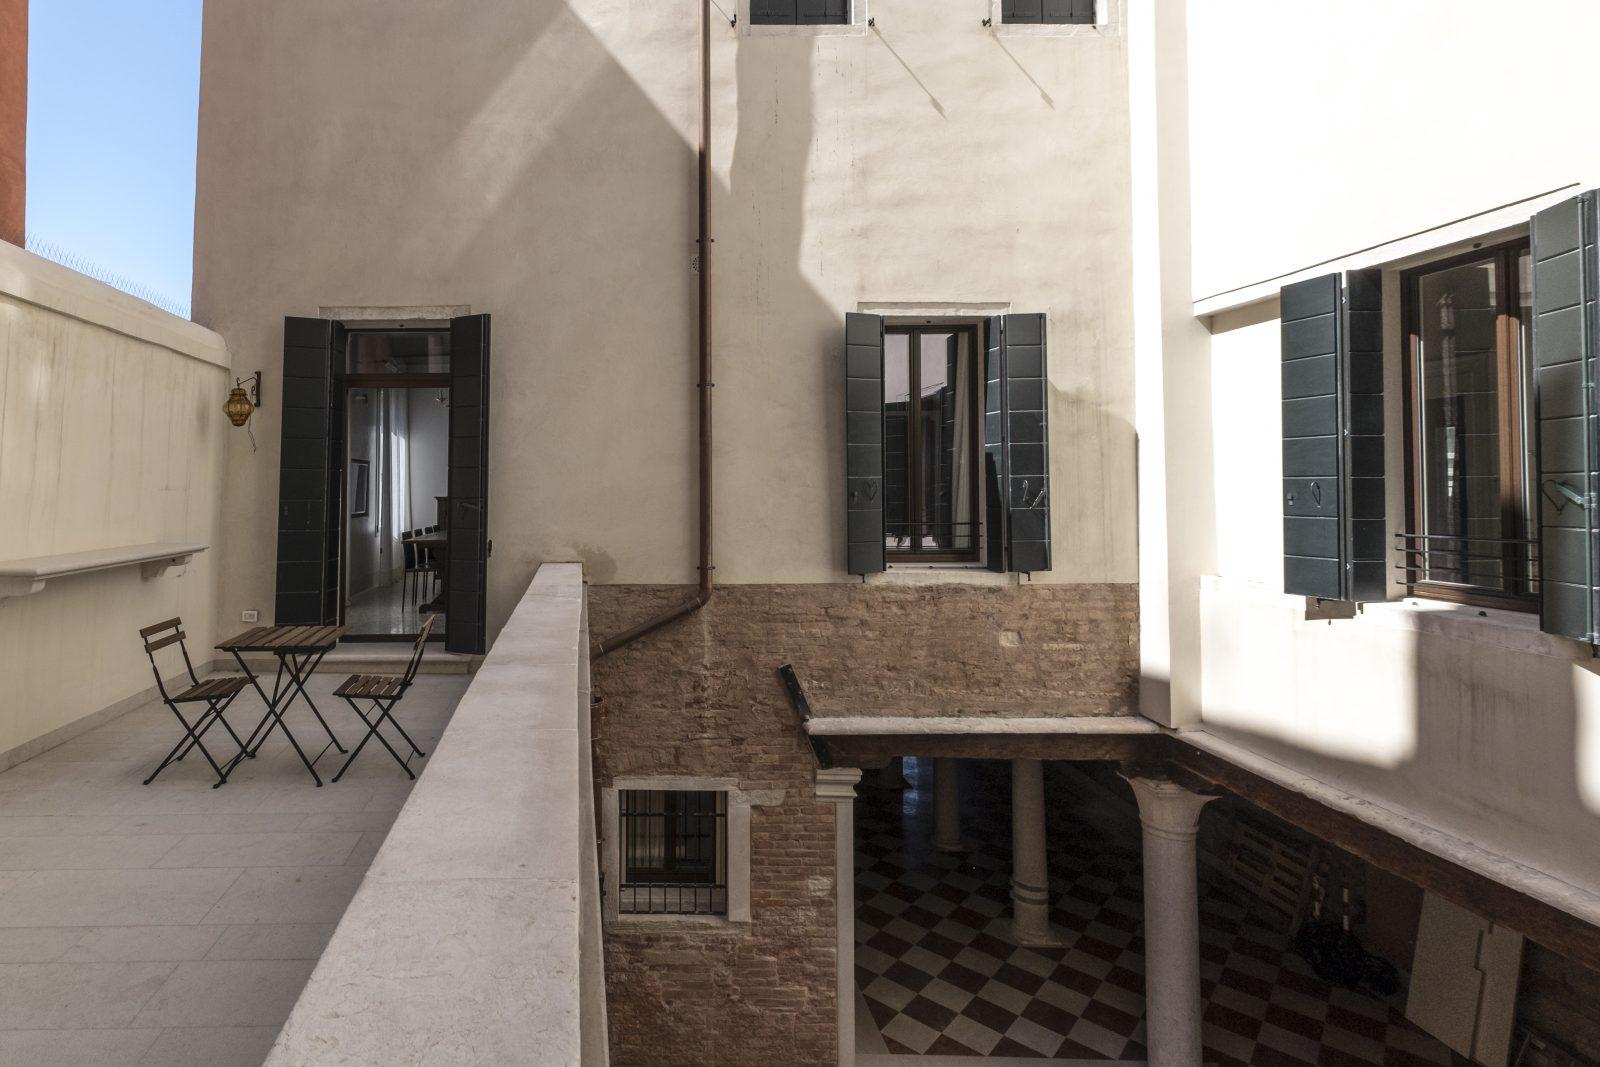 corridoio-appartamento-zenzero-corte-interna-venezia-palazzo-morosini